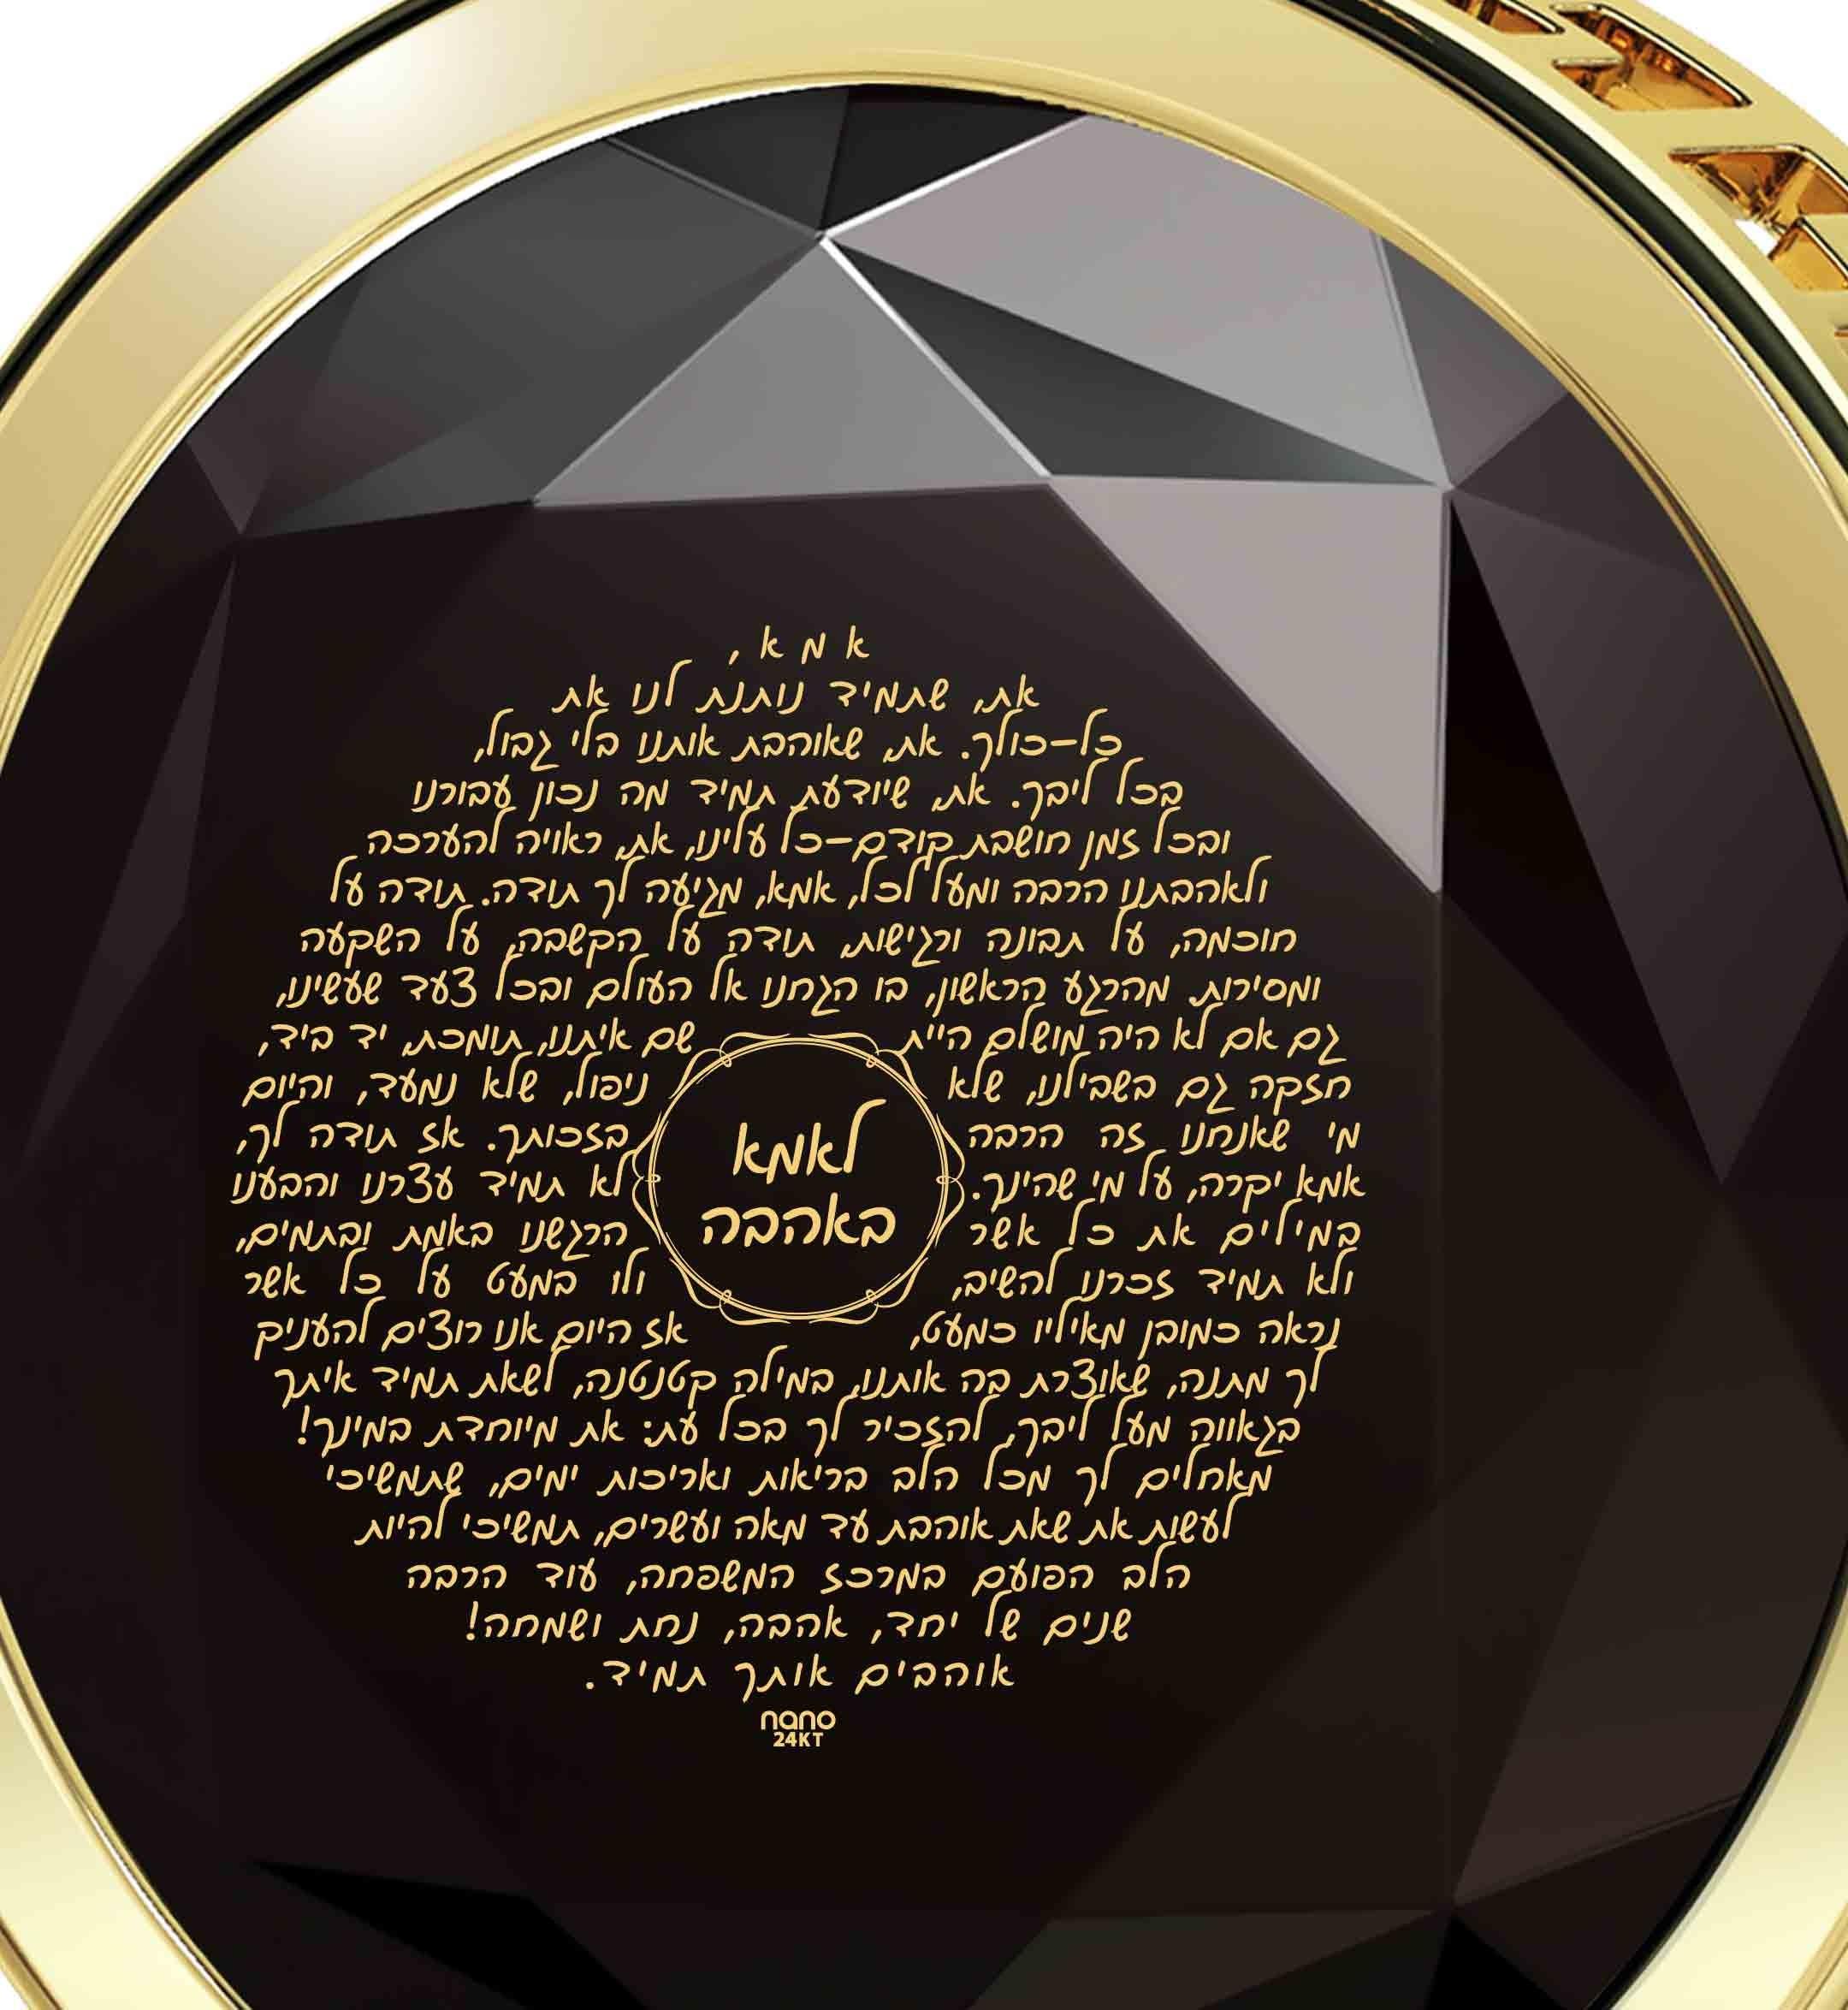 מתנה לחג לאמא- מתנה ליום האם– שרשרת עם ברכה - ננו תכשיטיםמתנה לחג לאמא- מתנה ליום האם– שרשרת עם ברכה - ננו תכשיטים